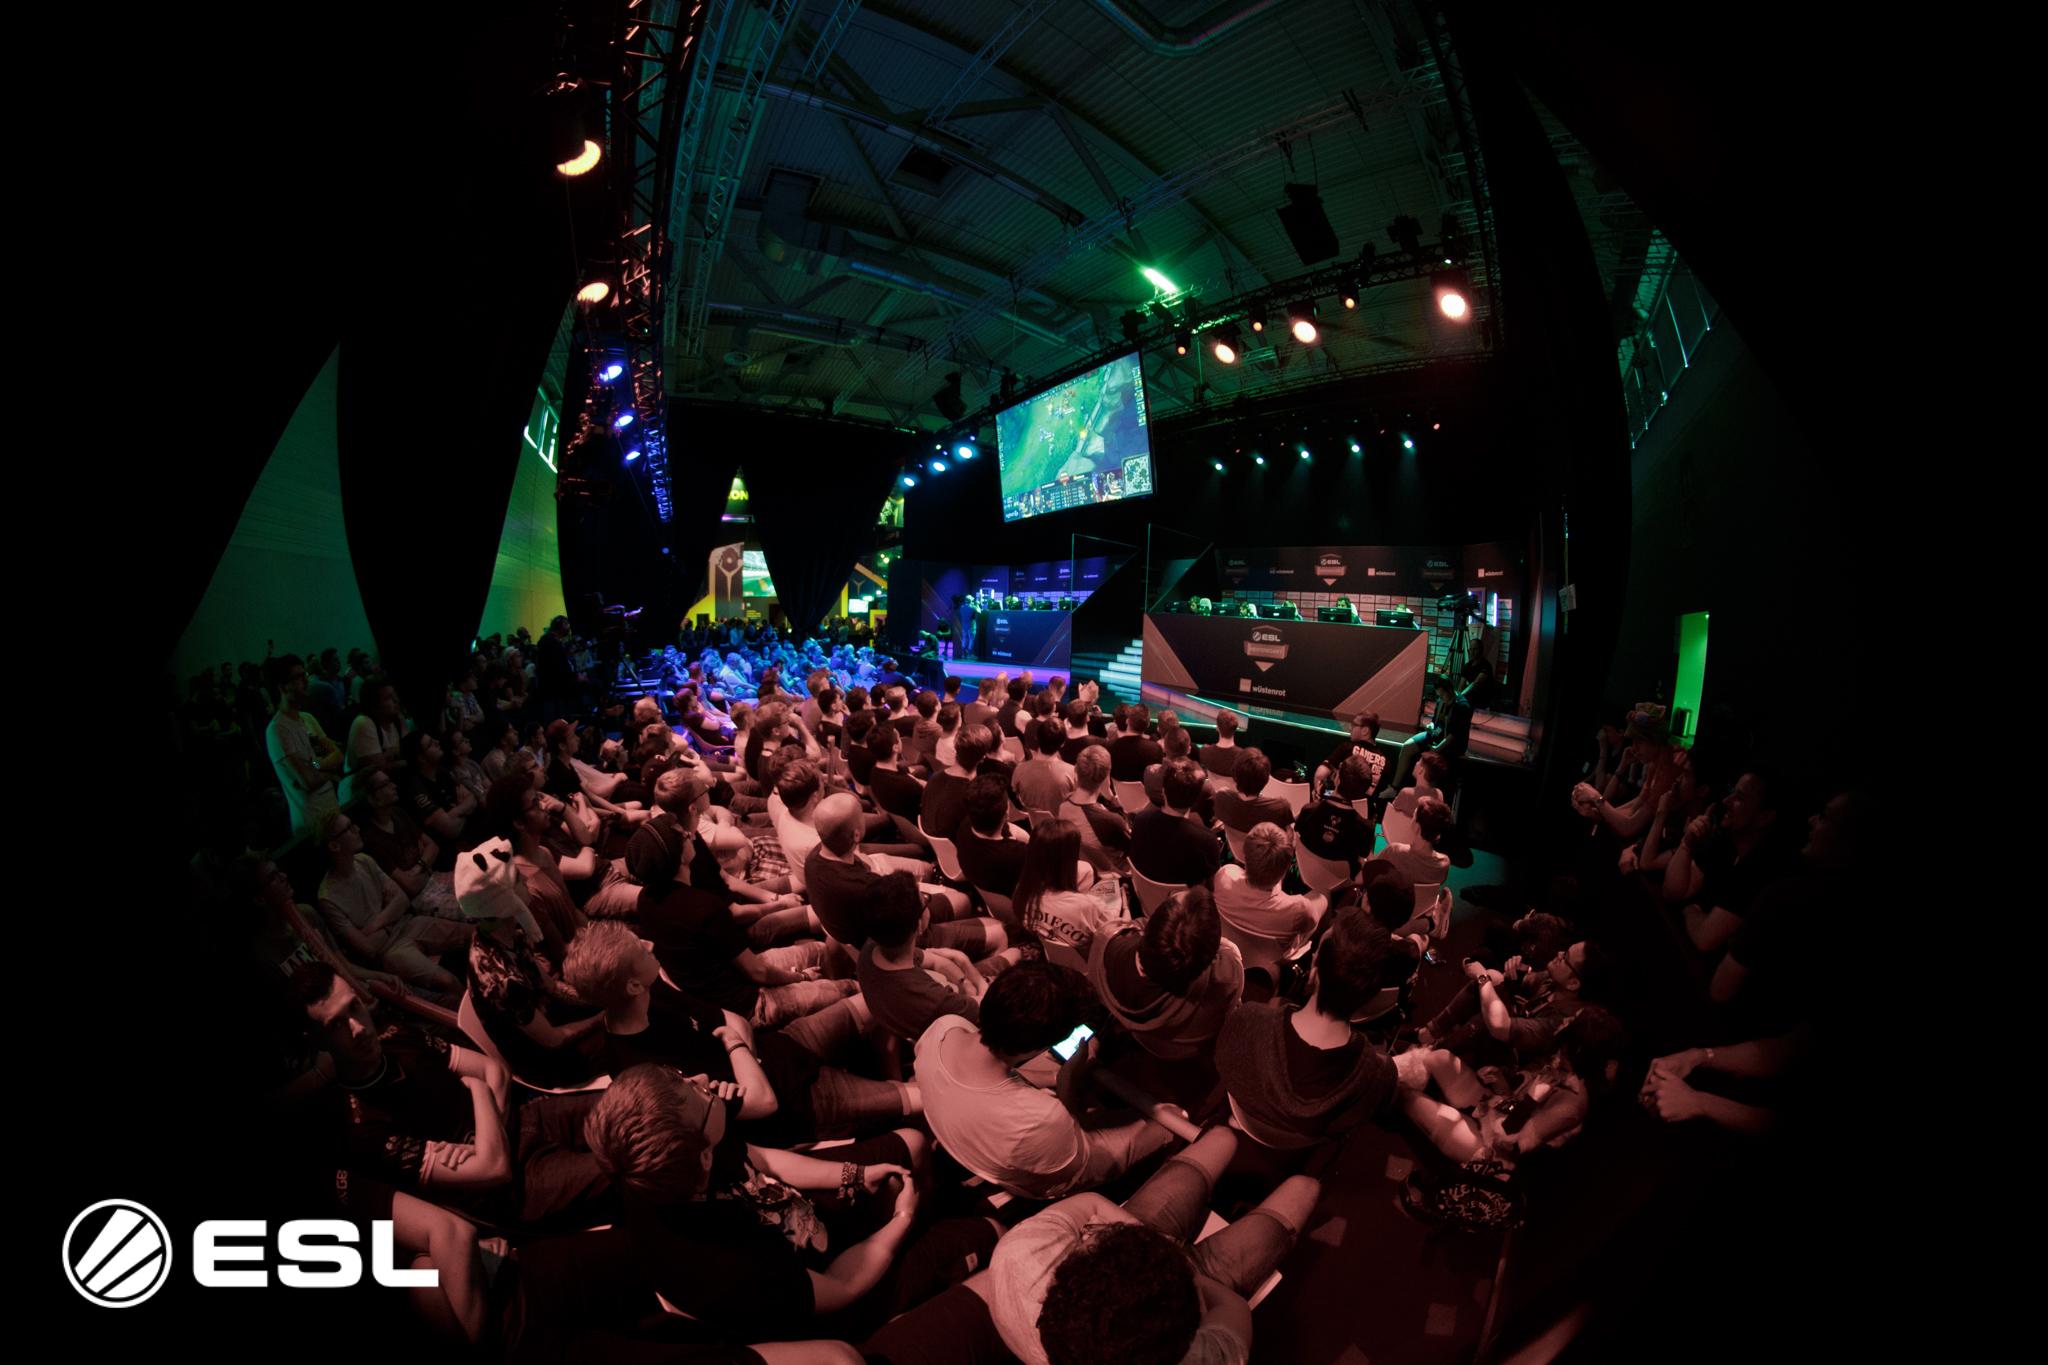 Die ESL Meisterschaft auf der gamescom: Finalspiele am laufenden Band!